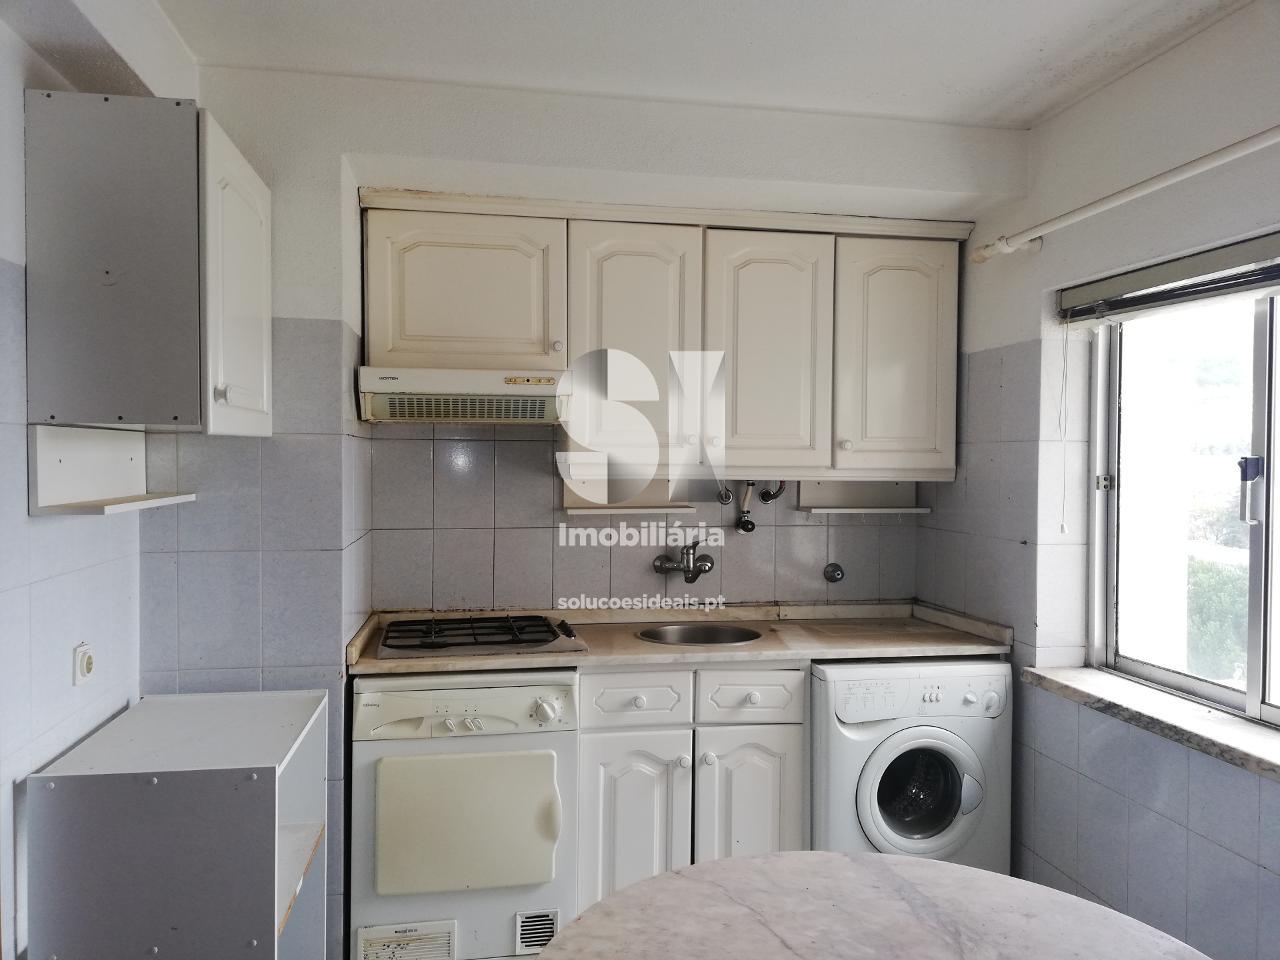 apartamento t2 para compra em castelo branco castelo branco CBZ379